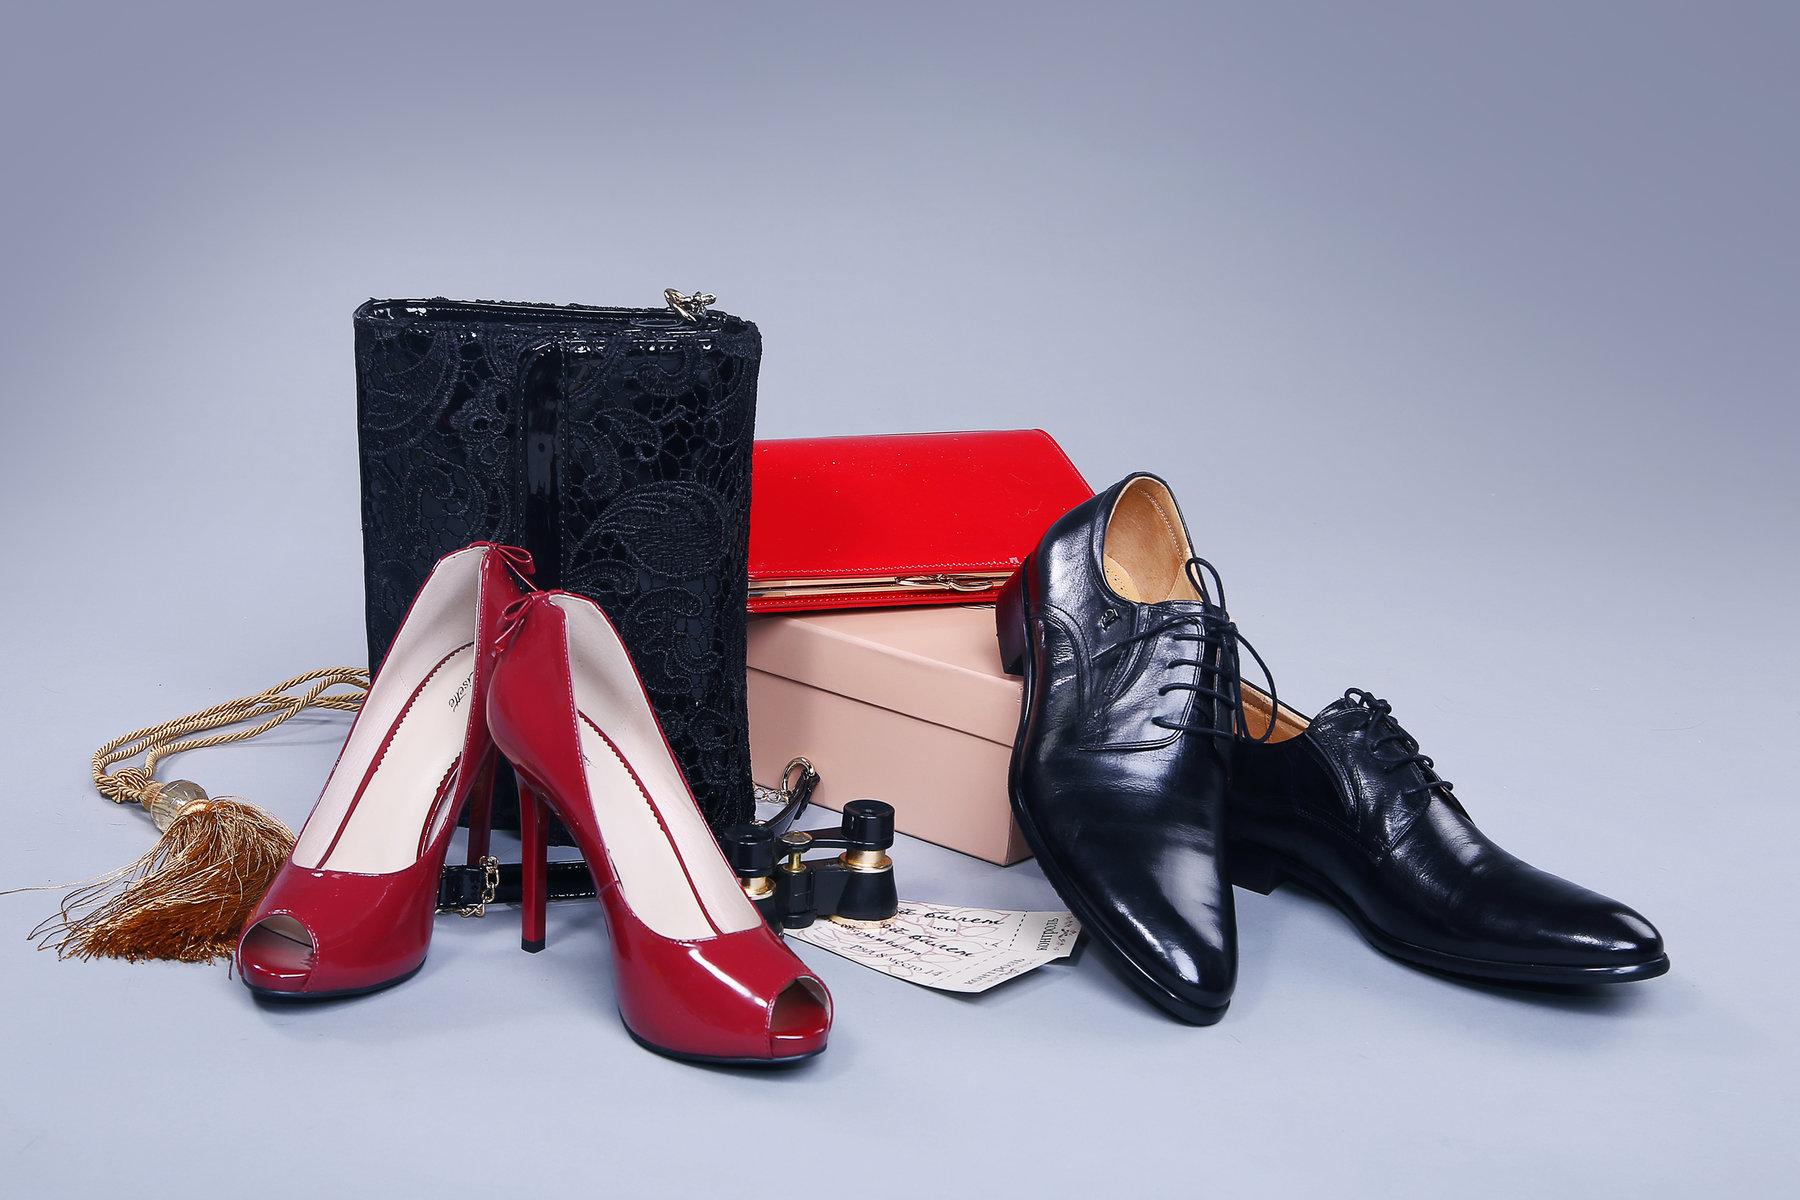 Картинка обуви женской и мужской